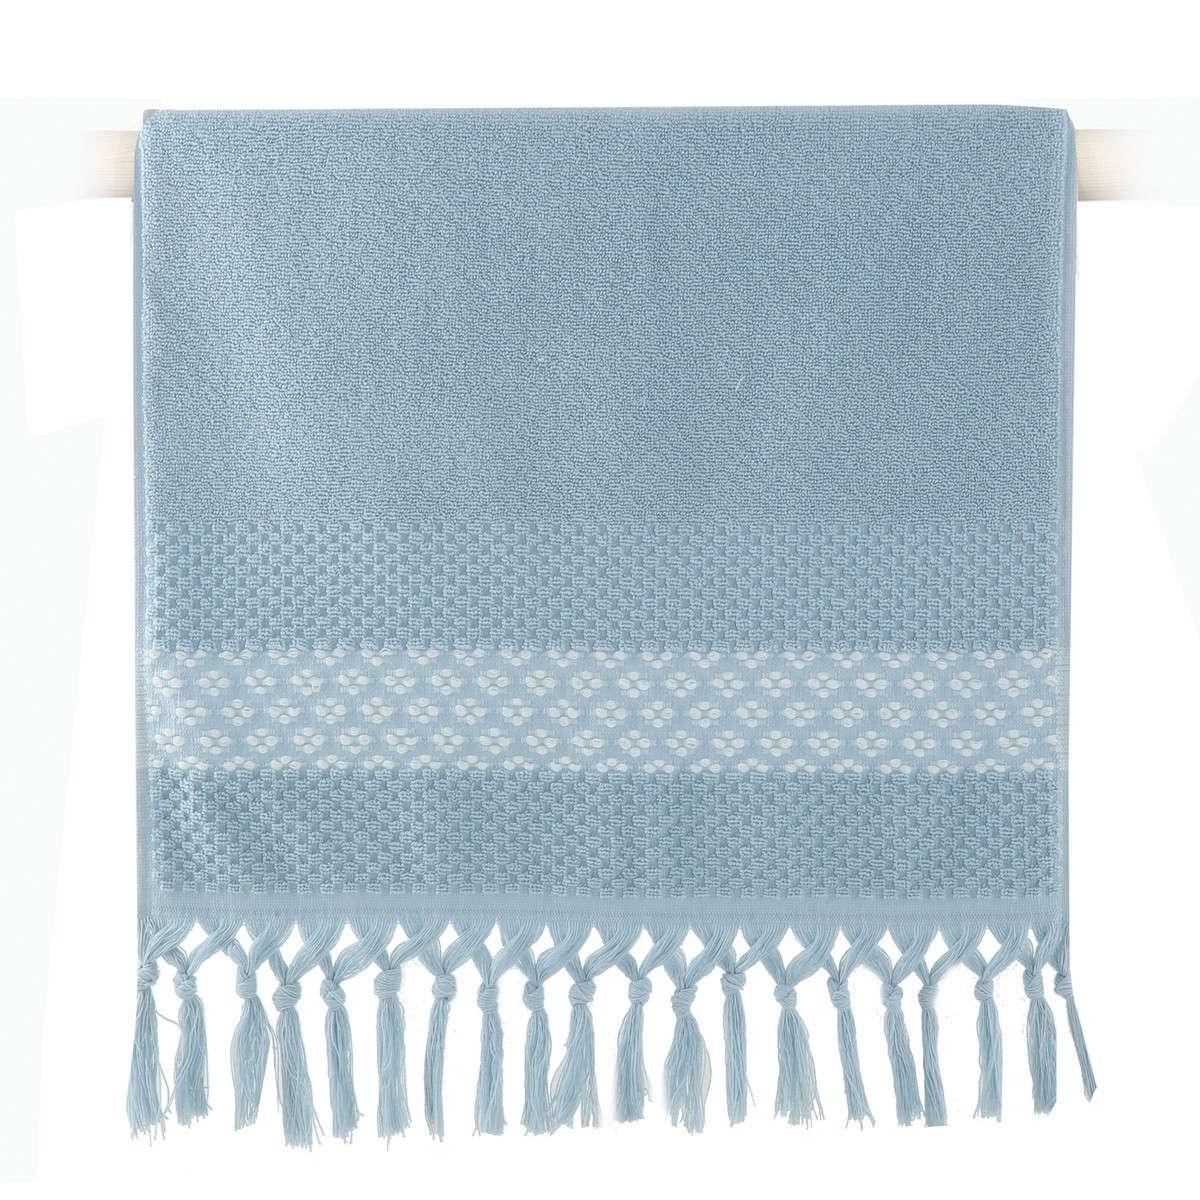 Πετσέτα Elvia Light Blue Nef-Nef Σώματος 70x140cm